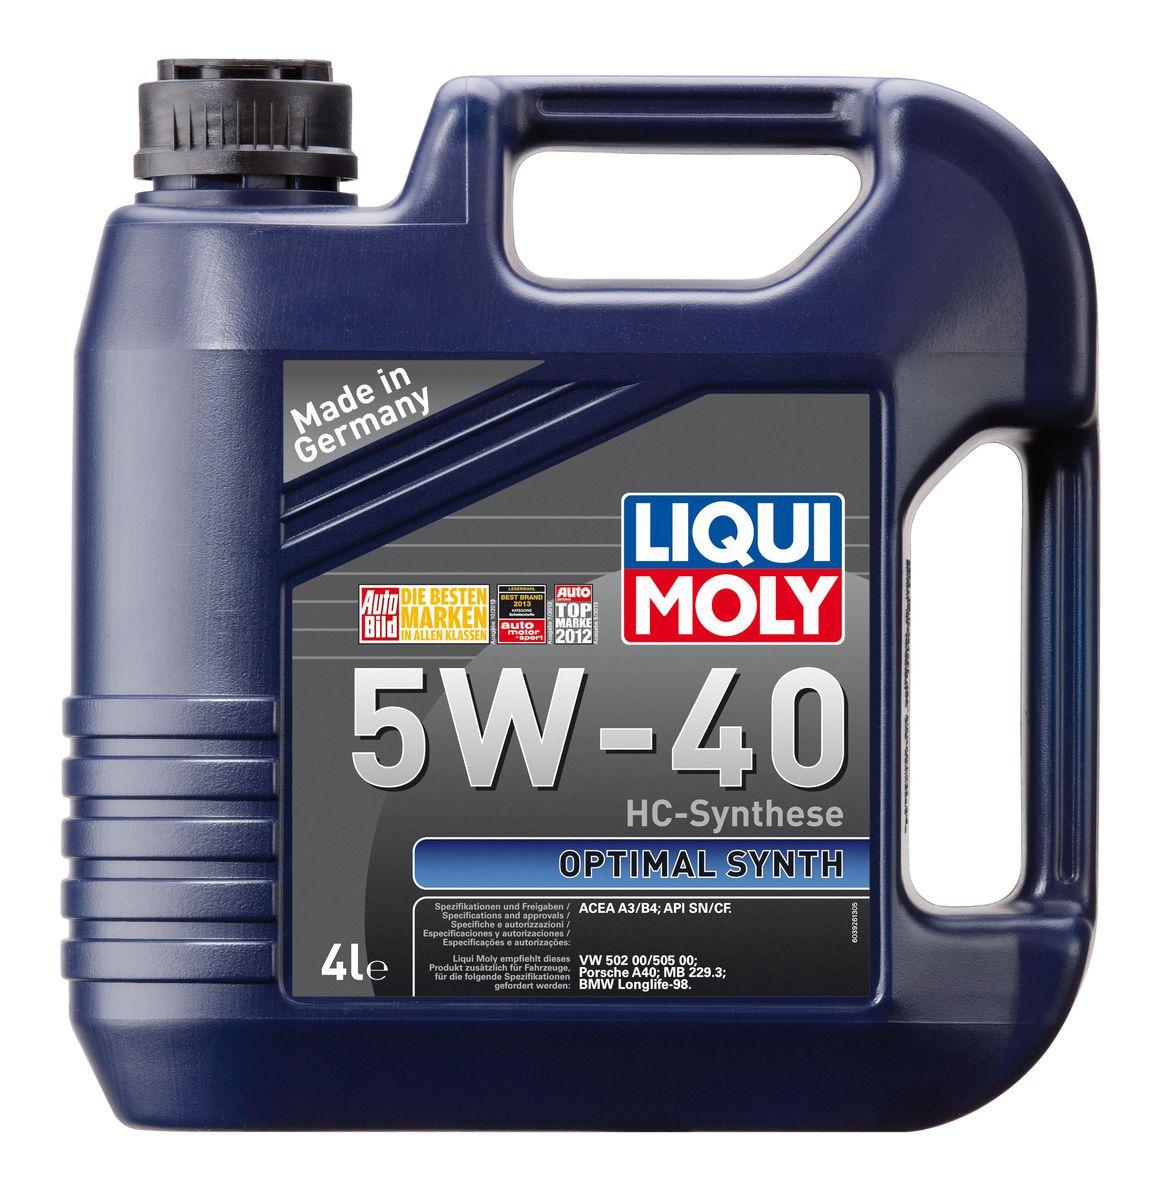 Масло моторное Liqui Moly Optimal Synth, НС-синтетическое, 5W-40, 4 л3926Масло моторное Liqui Moly Optimal Synth - это HC-синтетическое моторное масло с адаптированным для российских условий пакетом присадок. Благодаря новейшим технологиям синтеза и вязкости 5W-40 масло обеспечивает высокий уровень защиты и оптимальное смазывание деталей двигателя. Масло удовлетворяет современным международным стандартам API/ACEA. Масло создано на основе базовых компонентов, произведенных по технологии HC-синтеза, с учетом самых высоких требований, предъявляемых современными и мощными бензиновыми и дизельными двигателями. Оно обеспечивает отличную смазку при любых условиях эксплуатации. Одновременно снижается до минимума трение, в результате чего уменьшается расход топлива. Особенности: - Быстрое поступление масла к деталям двигателя при низких температурах- Надежная защита от износа- Низкий расход масла- Оптимальная чистота двигателя- Экономия топлива и снижение вредных выбросов- Проверено на турбированных двигателях и катализаторе